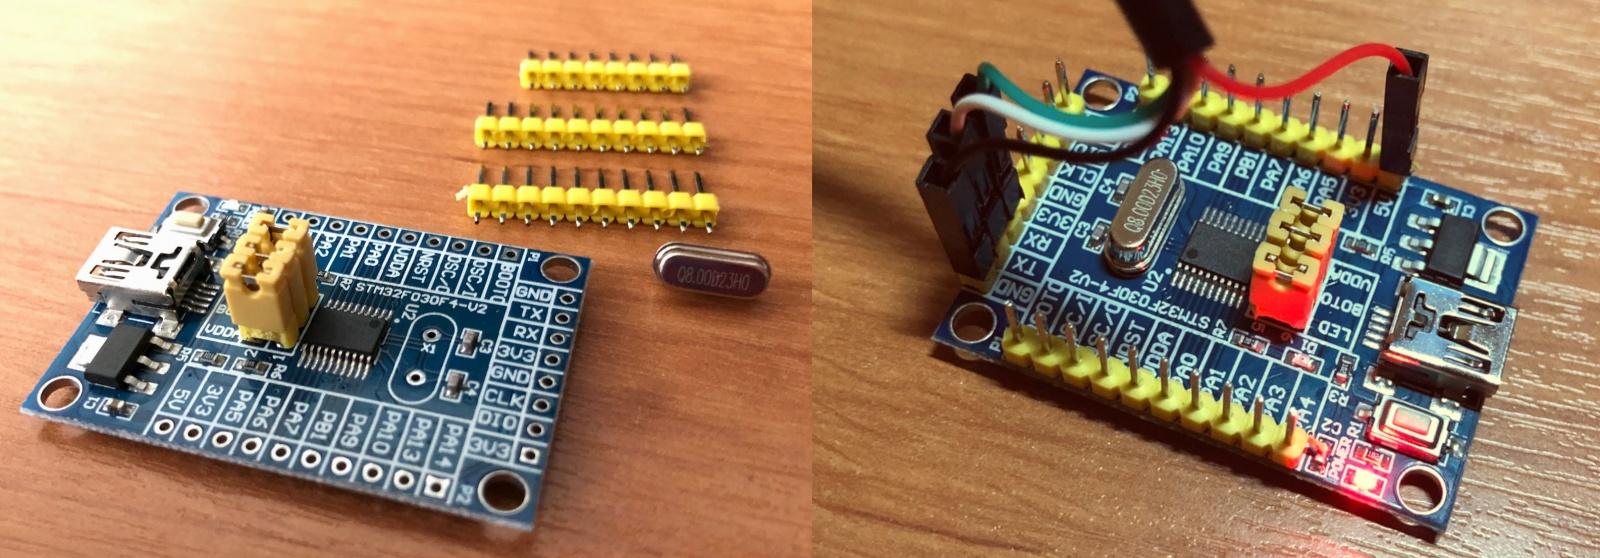 Начинаем изучать микроконтроллеры на примере STM32F030f4p6 - 1